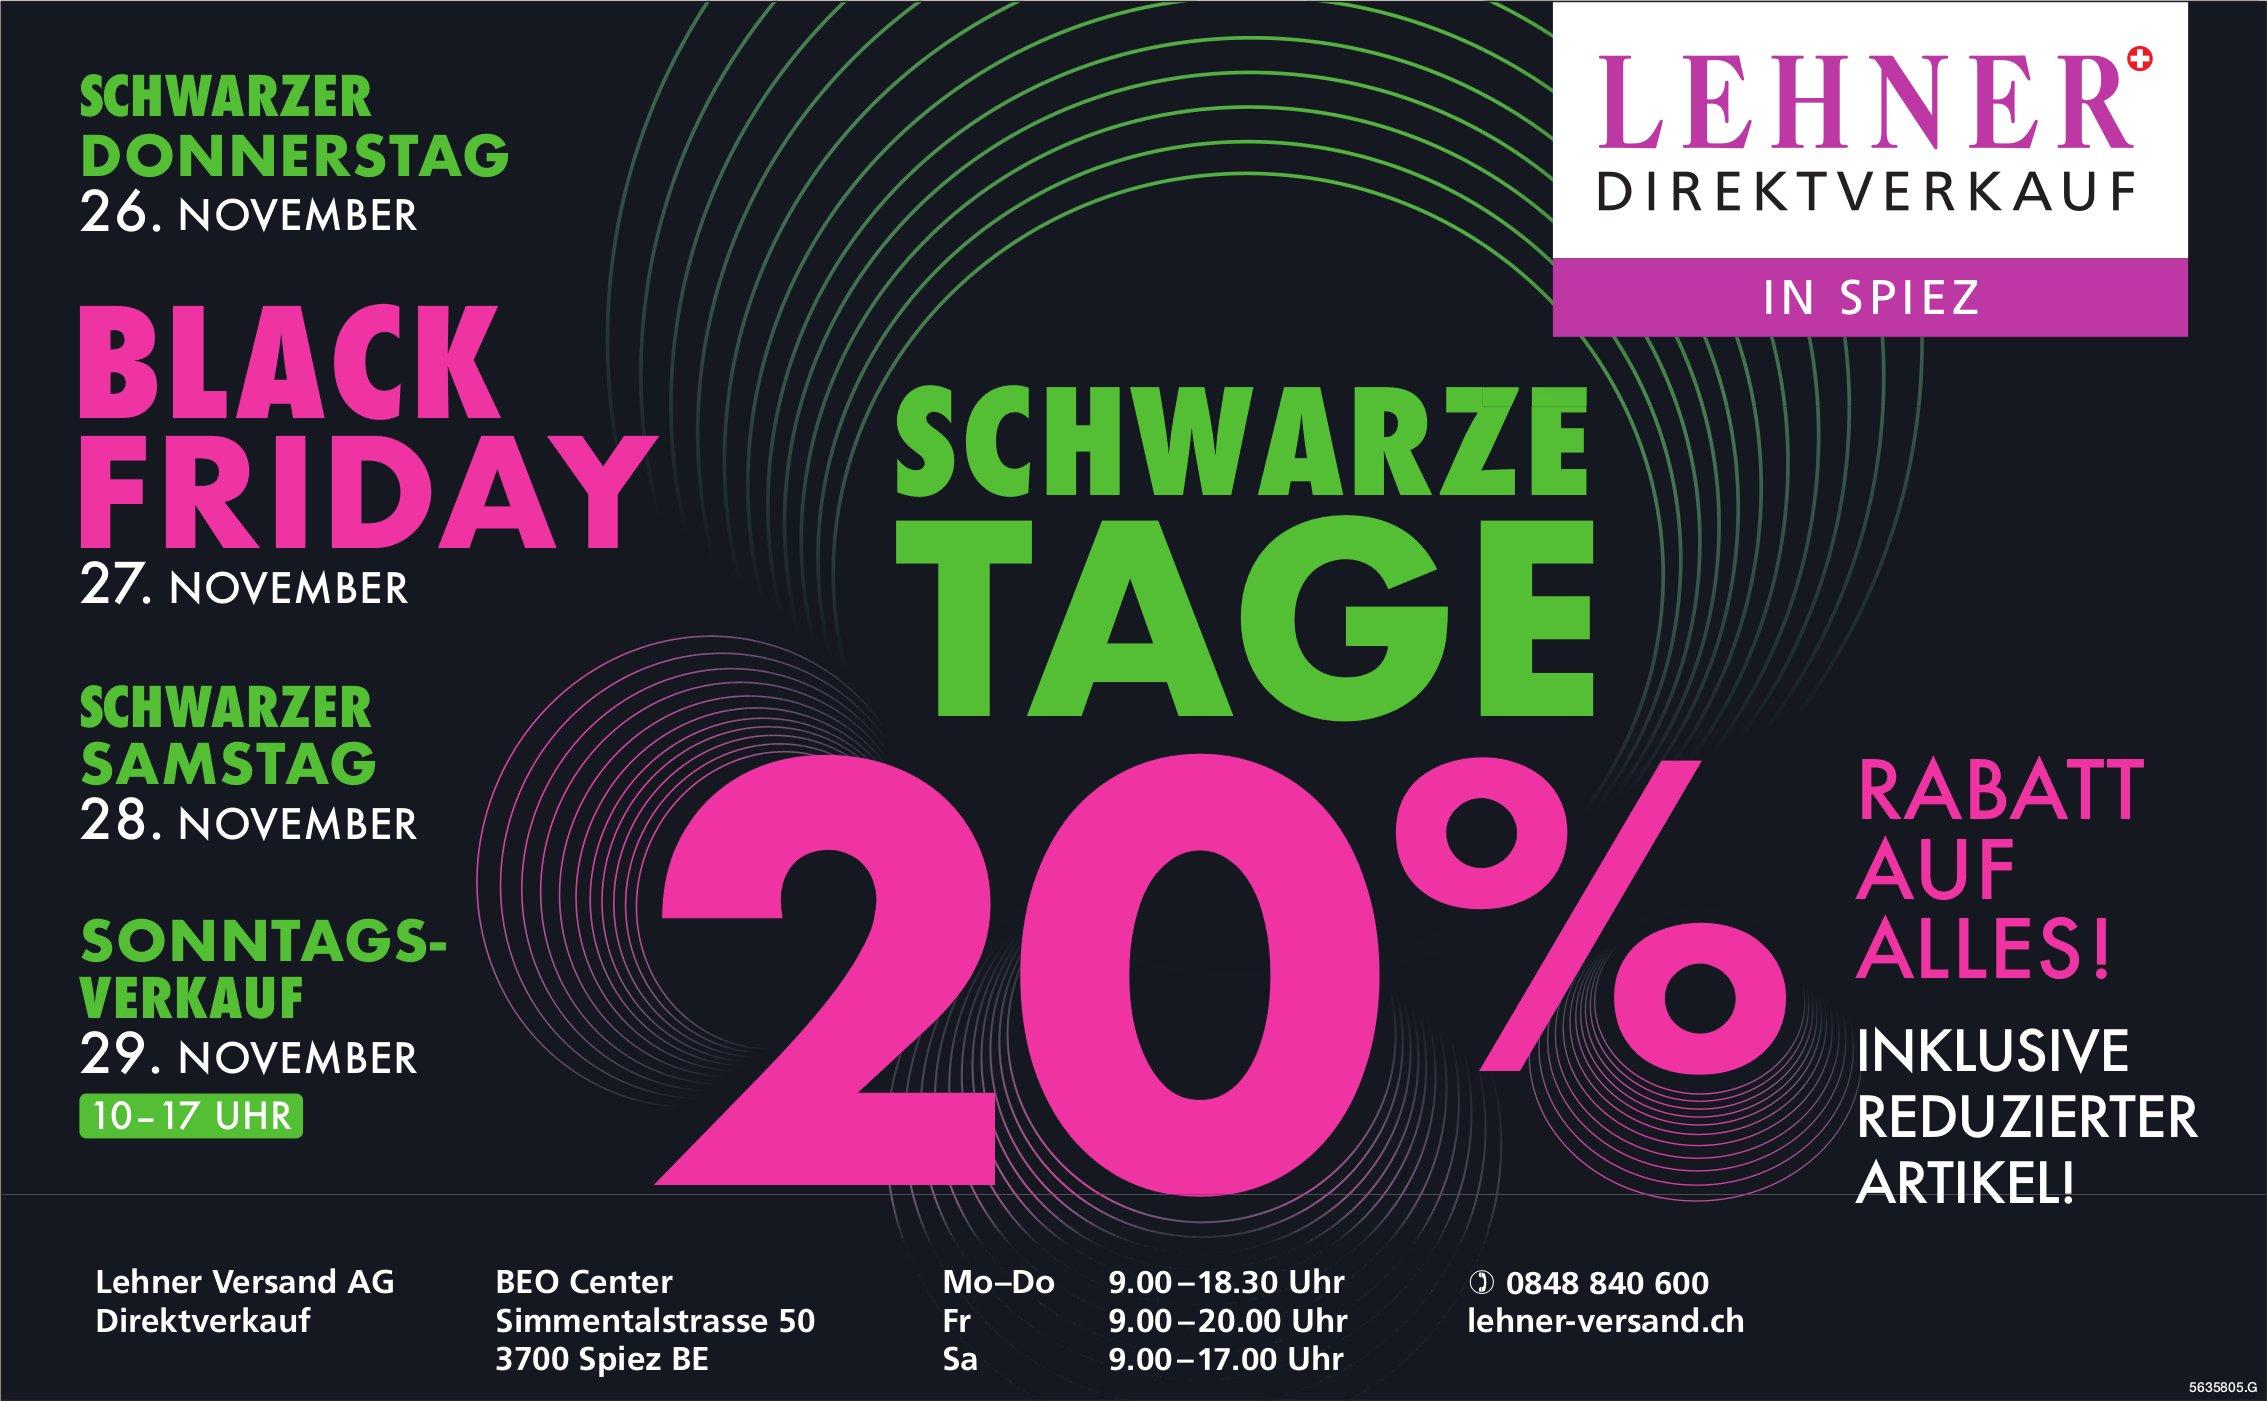 Schwarze Tage, 20% auf alles!, 26. November, Lehner Versand AG Direktverkauf, Spiez